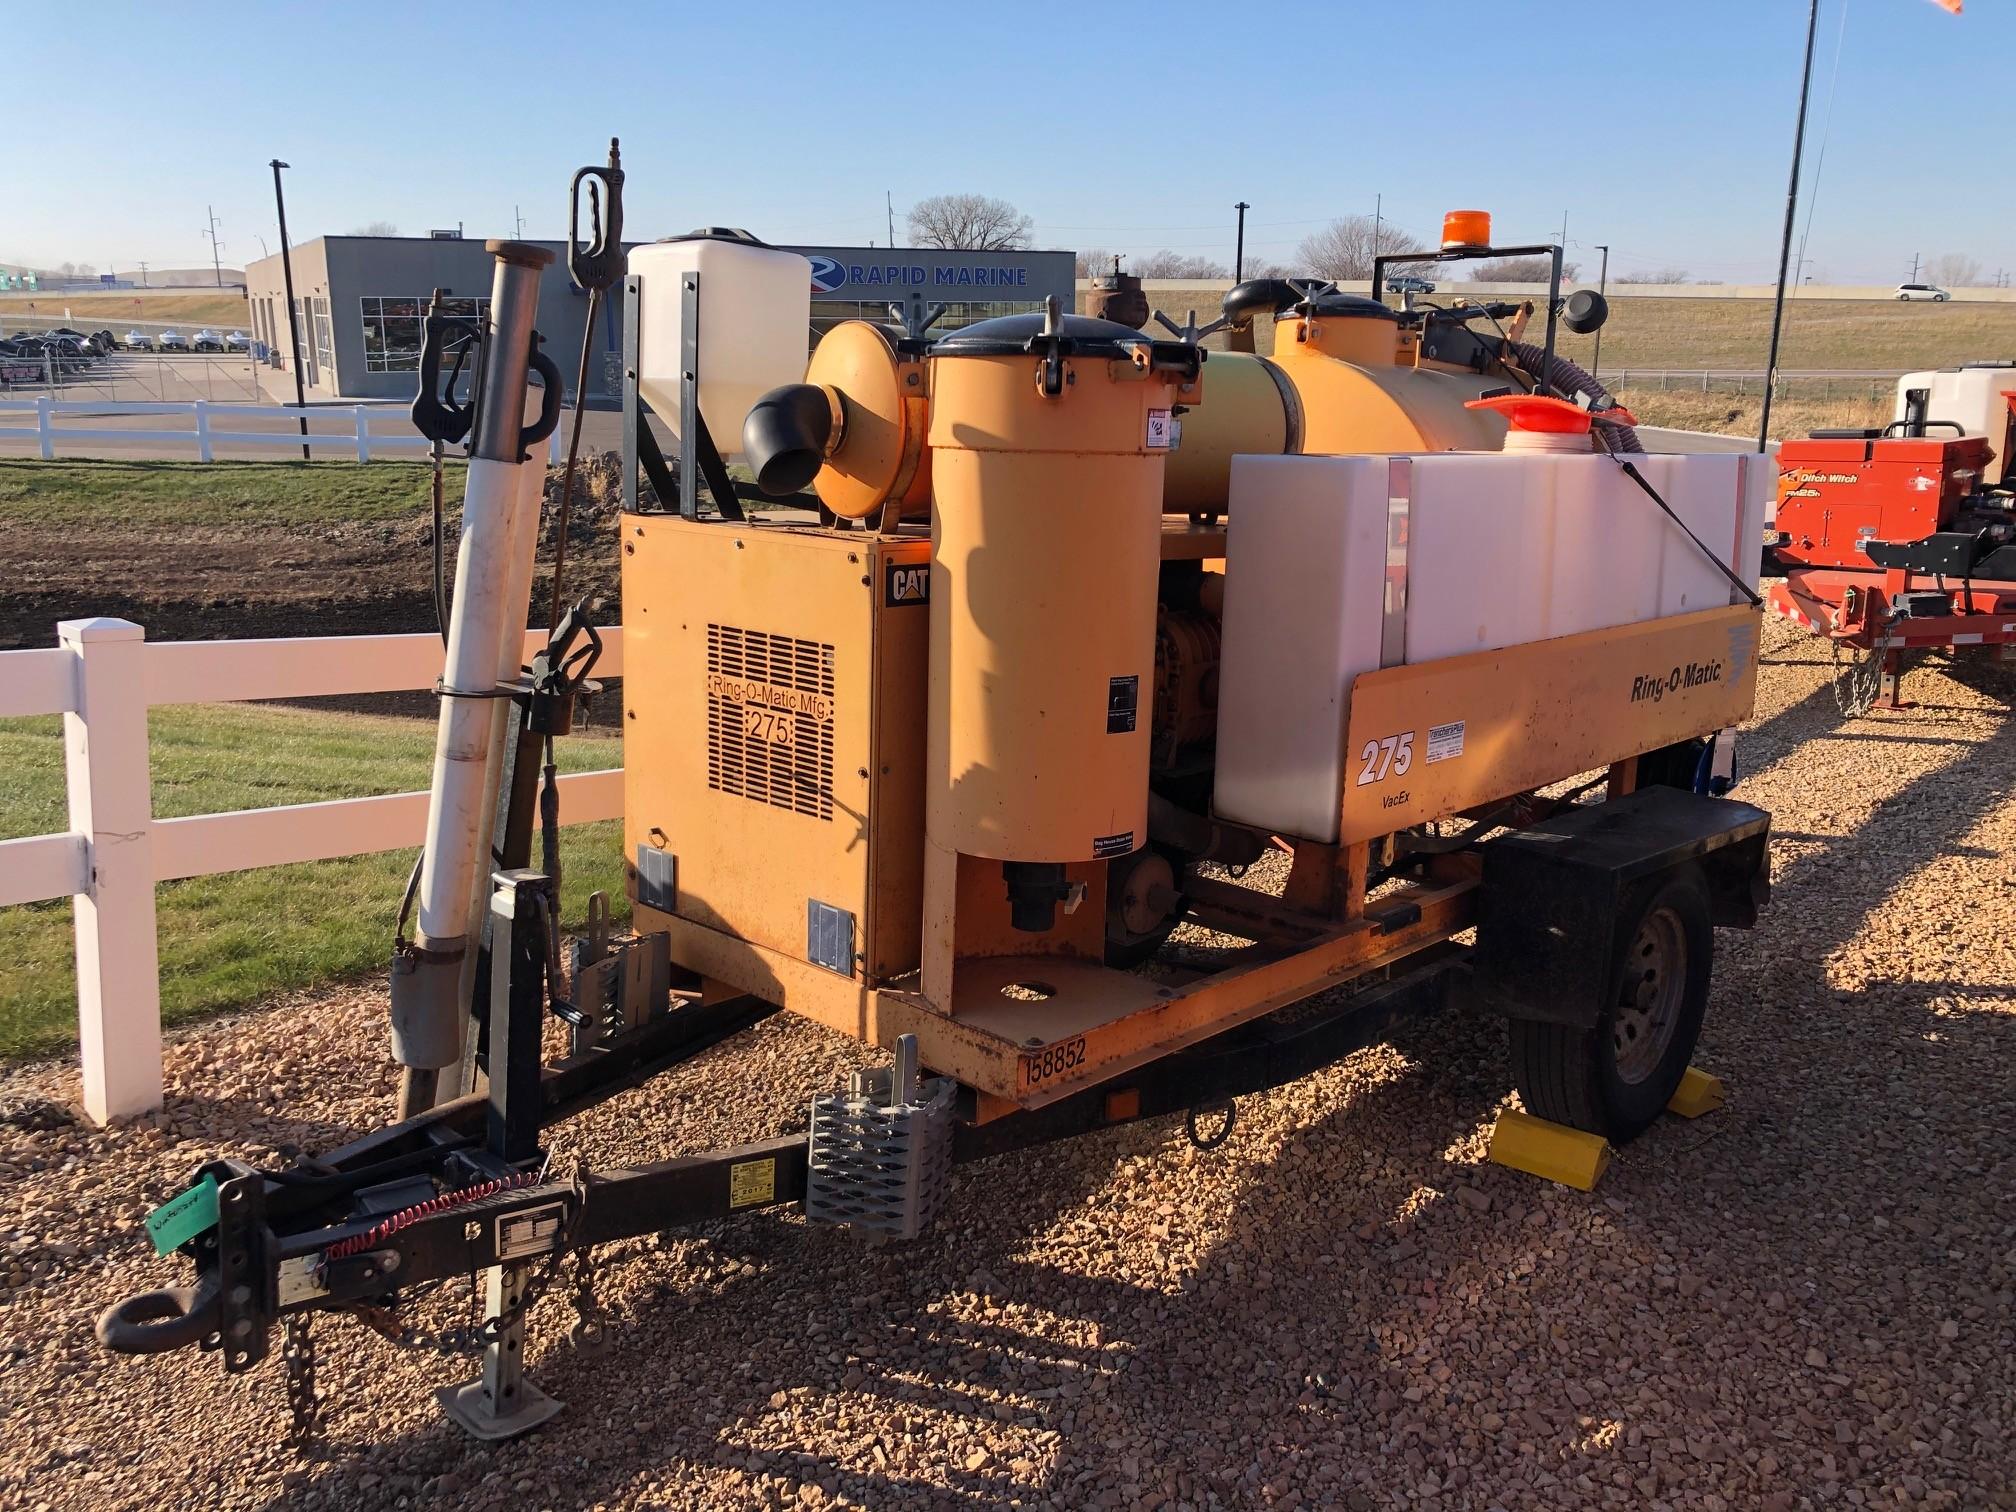 Used, 2012, Miscellaneous, Ring-O-Matic 275, Vacuum Excavators